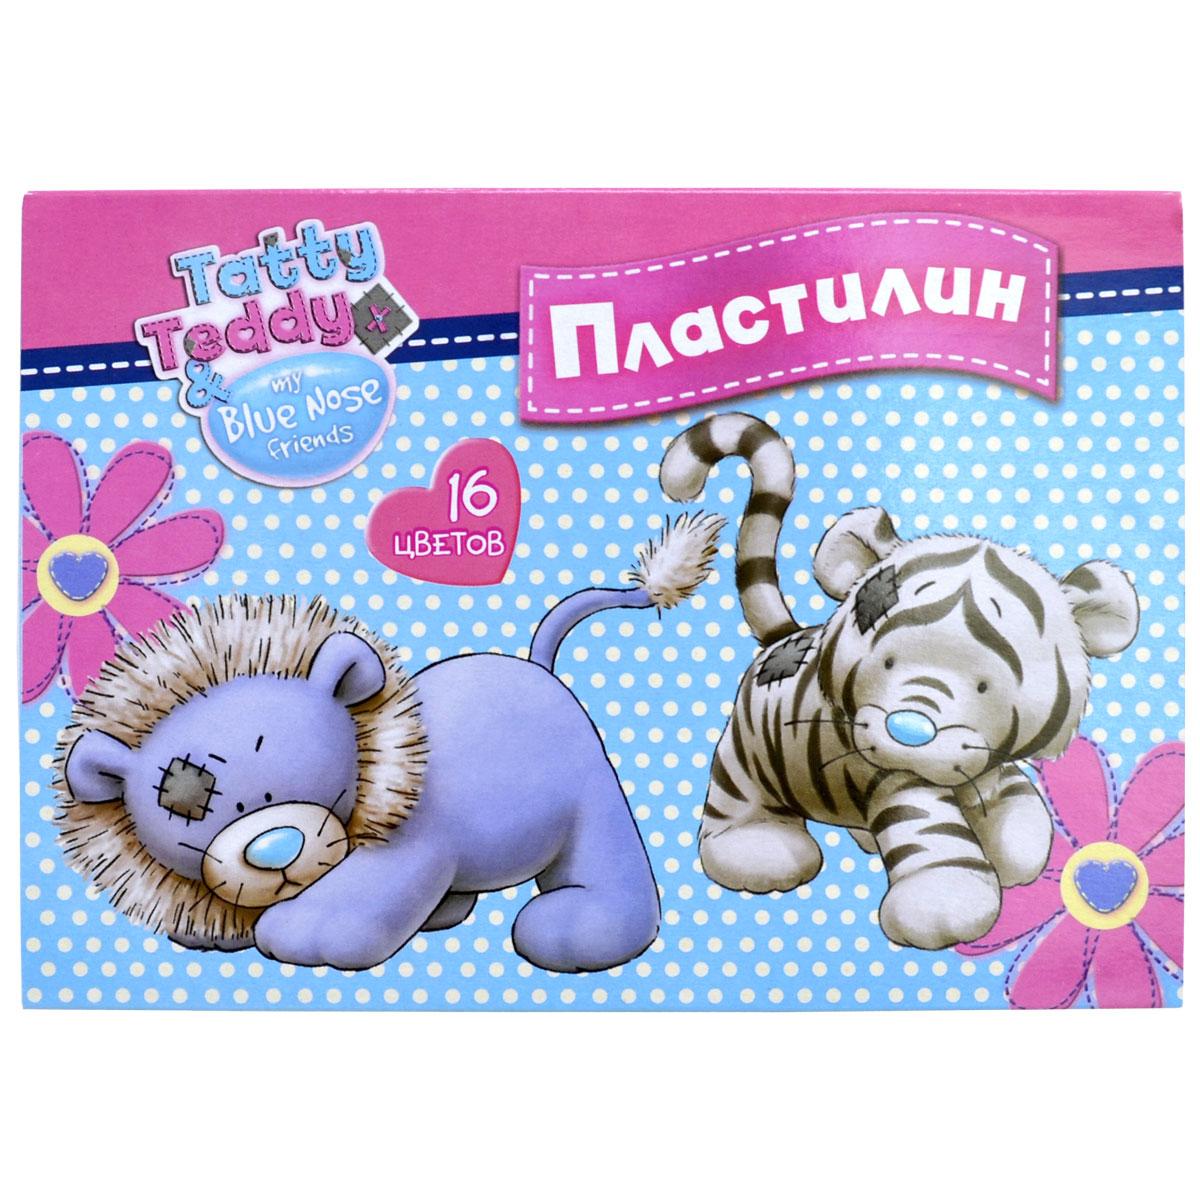 Action! Пластилин Tatty Teddy 16 цветов41768Набор пластилина Action! Tatty Teddy поможет вашему малышу создавать не только прекрасные поделки, но и рисунки. Пластилин обладает особой мягкостью и пластичностью: легко разминается и моделируется детскими пальчиками, не пачкается, не прилипает к рукам и рабочей поверхности, не крошится, не высыхает и хорошо держит форму.Смешивайте цвета, экспериментируйте и развивайте малютку: лепка активно тренирует у ребенка мелкую моторику и умение работать пальчиками, развивает тактильное восприятие формы, веса и фактуры, совершенствует воображение и пространственное мышление.